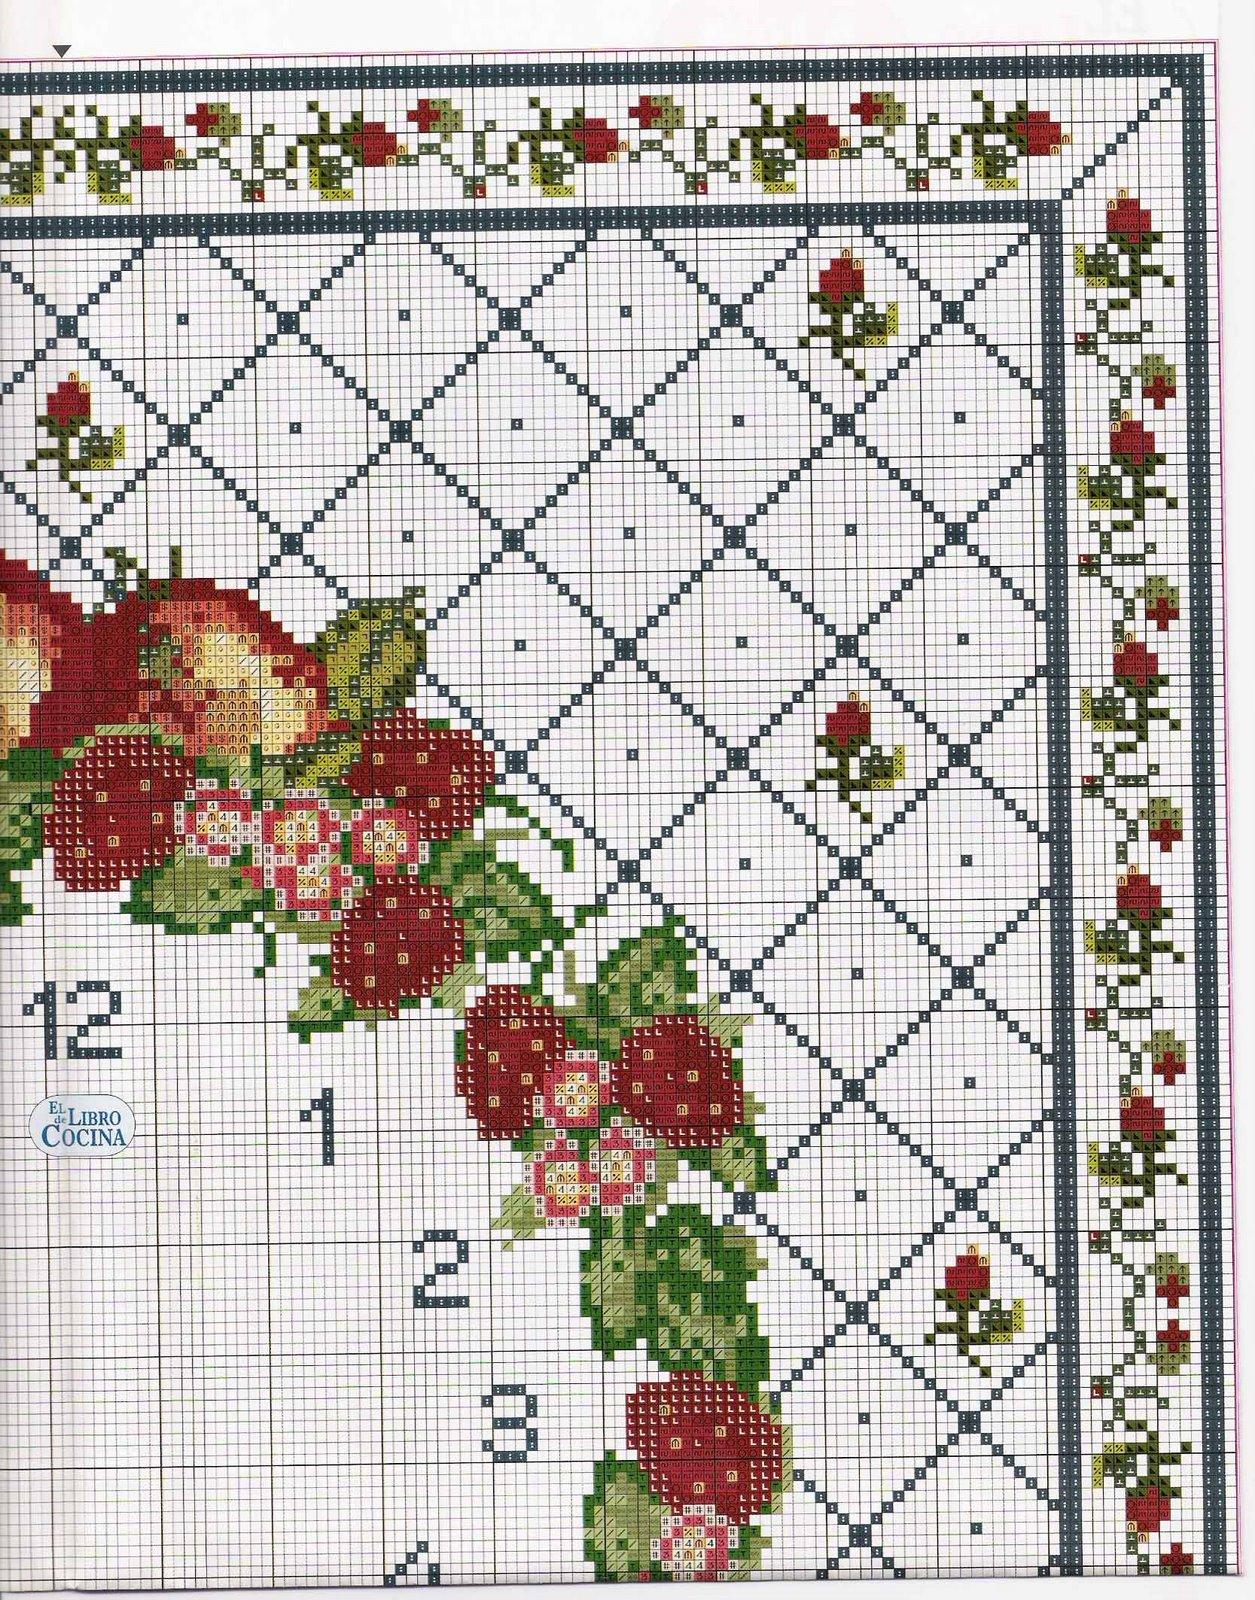 Orologio frutta 8 punto croce uncinetto for Orologio punto croce schemi gratis